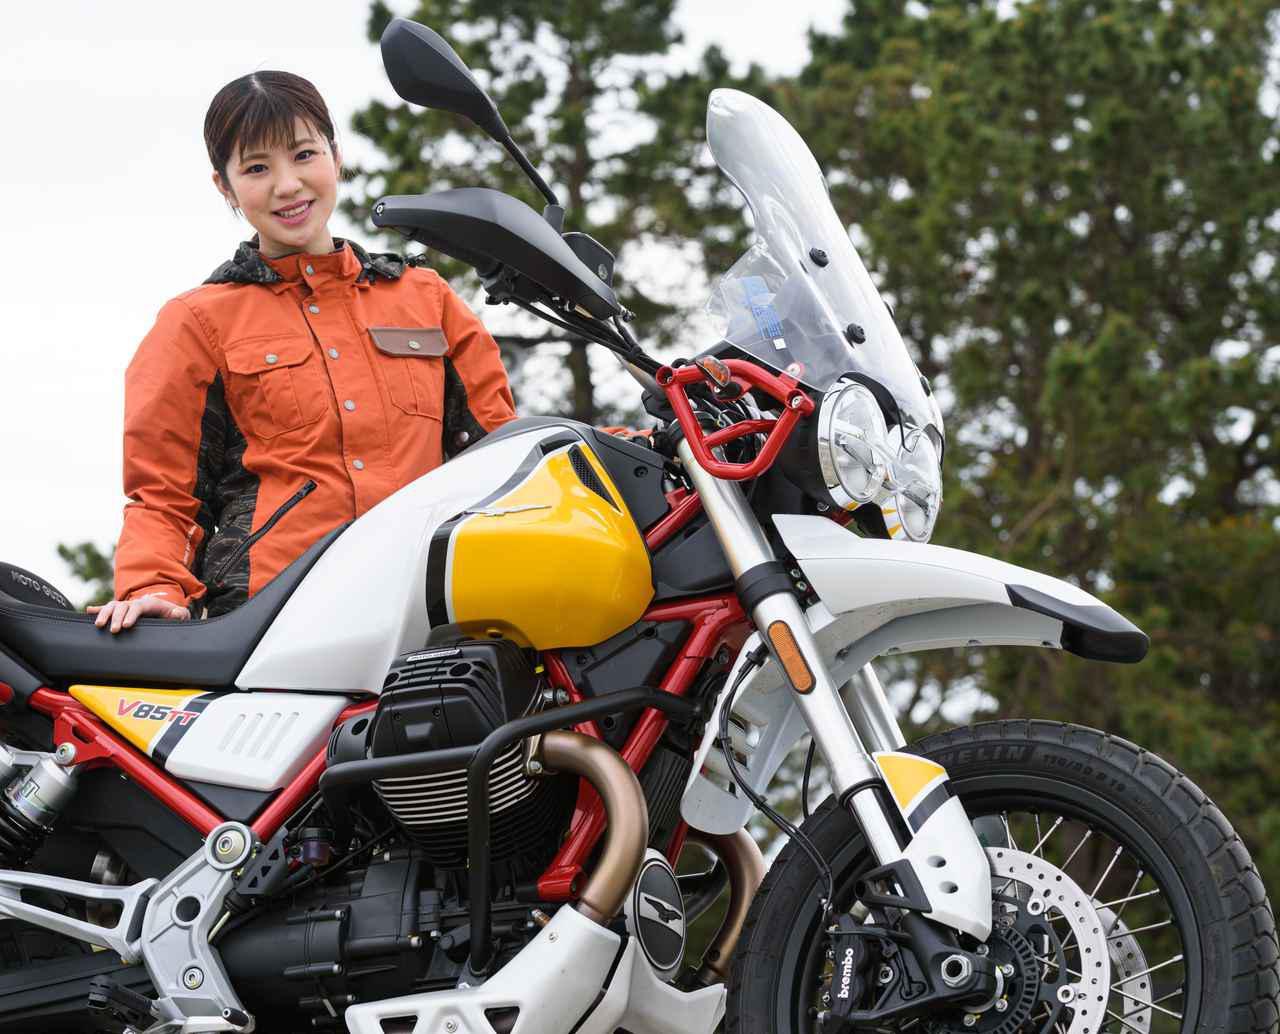 画像: 梅本まどか × モト・グッツィ「V85 TT」足つき性もチェック!【オートバイ女子部のフォトアルバム】 - webオートバイ